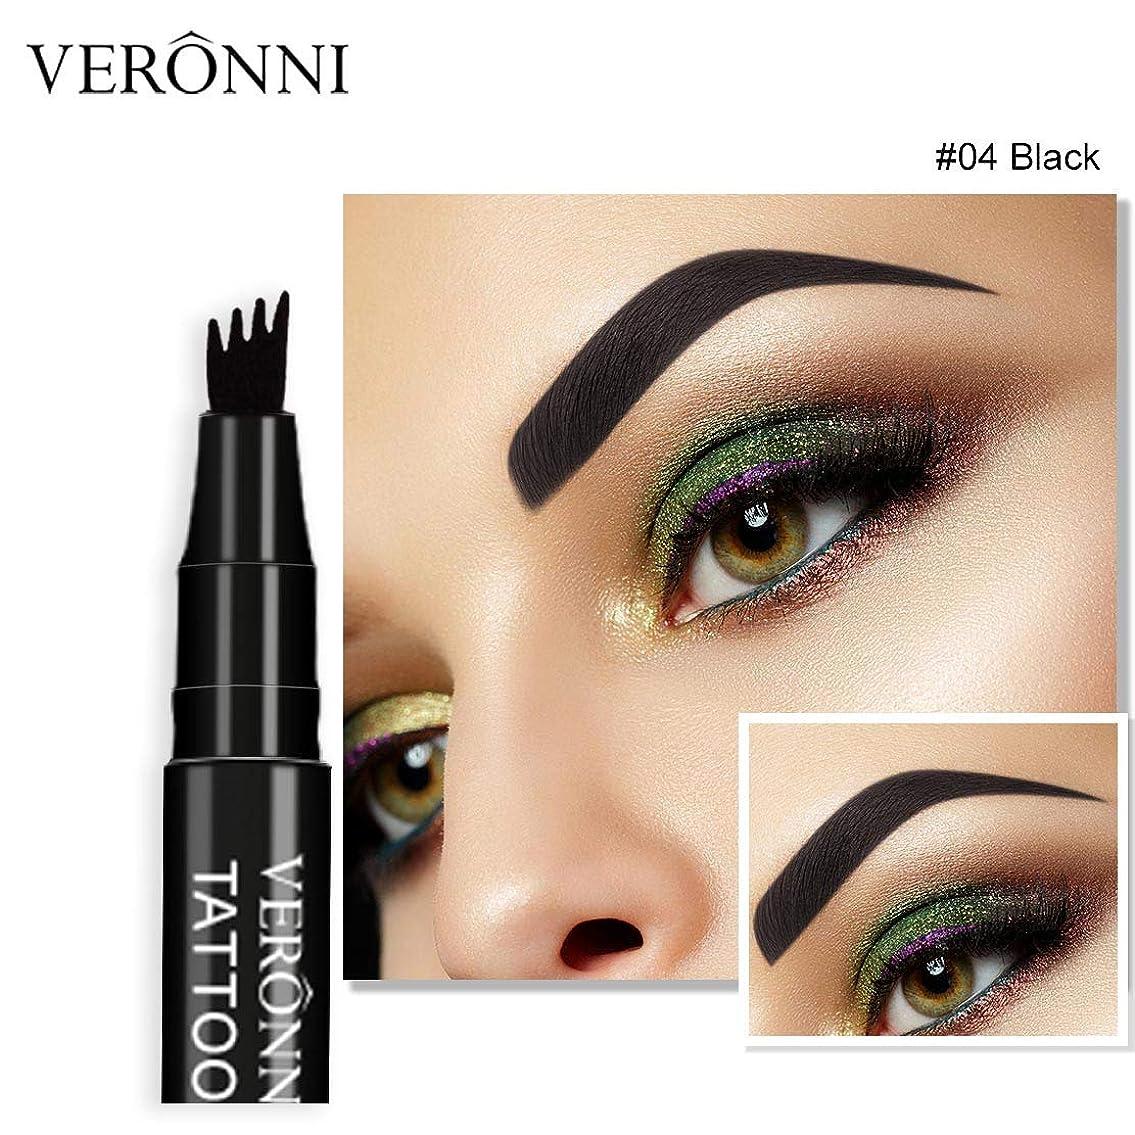 リテラシー団結する精通した着色すること容易な咲かない永続的な液体の眉毛の鉛筆